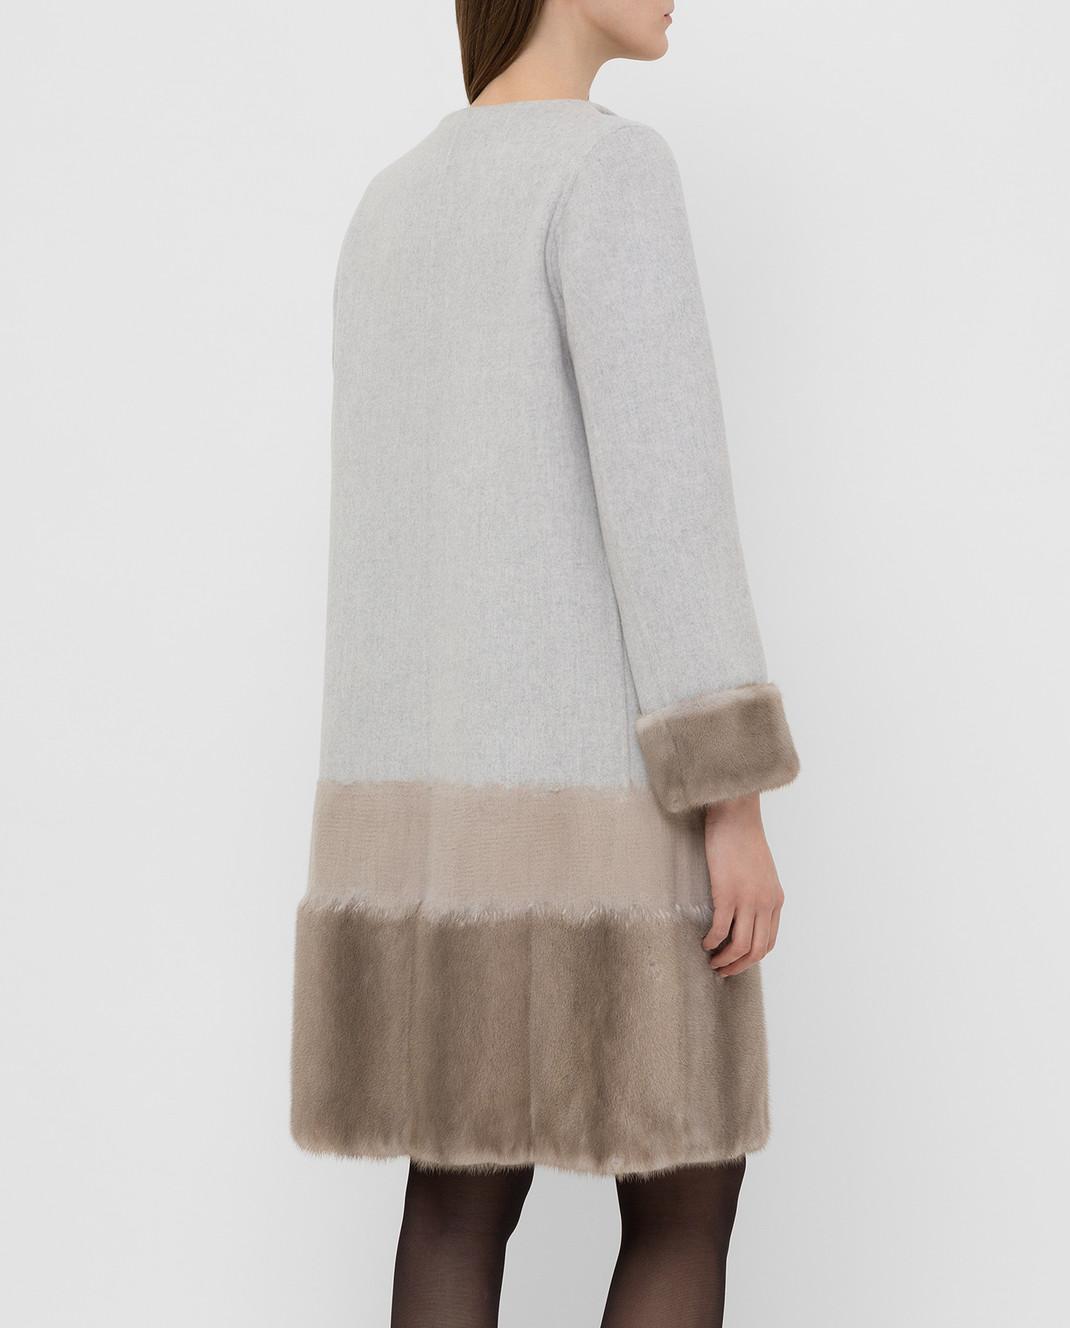 Rindi Серое пальто из шерсти и кашемира с мехом норки 295TE0R6 изображение 4